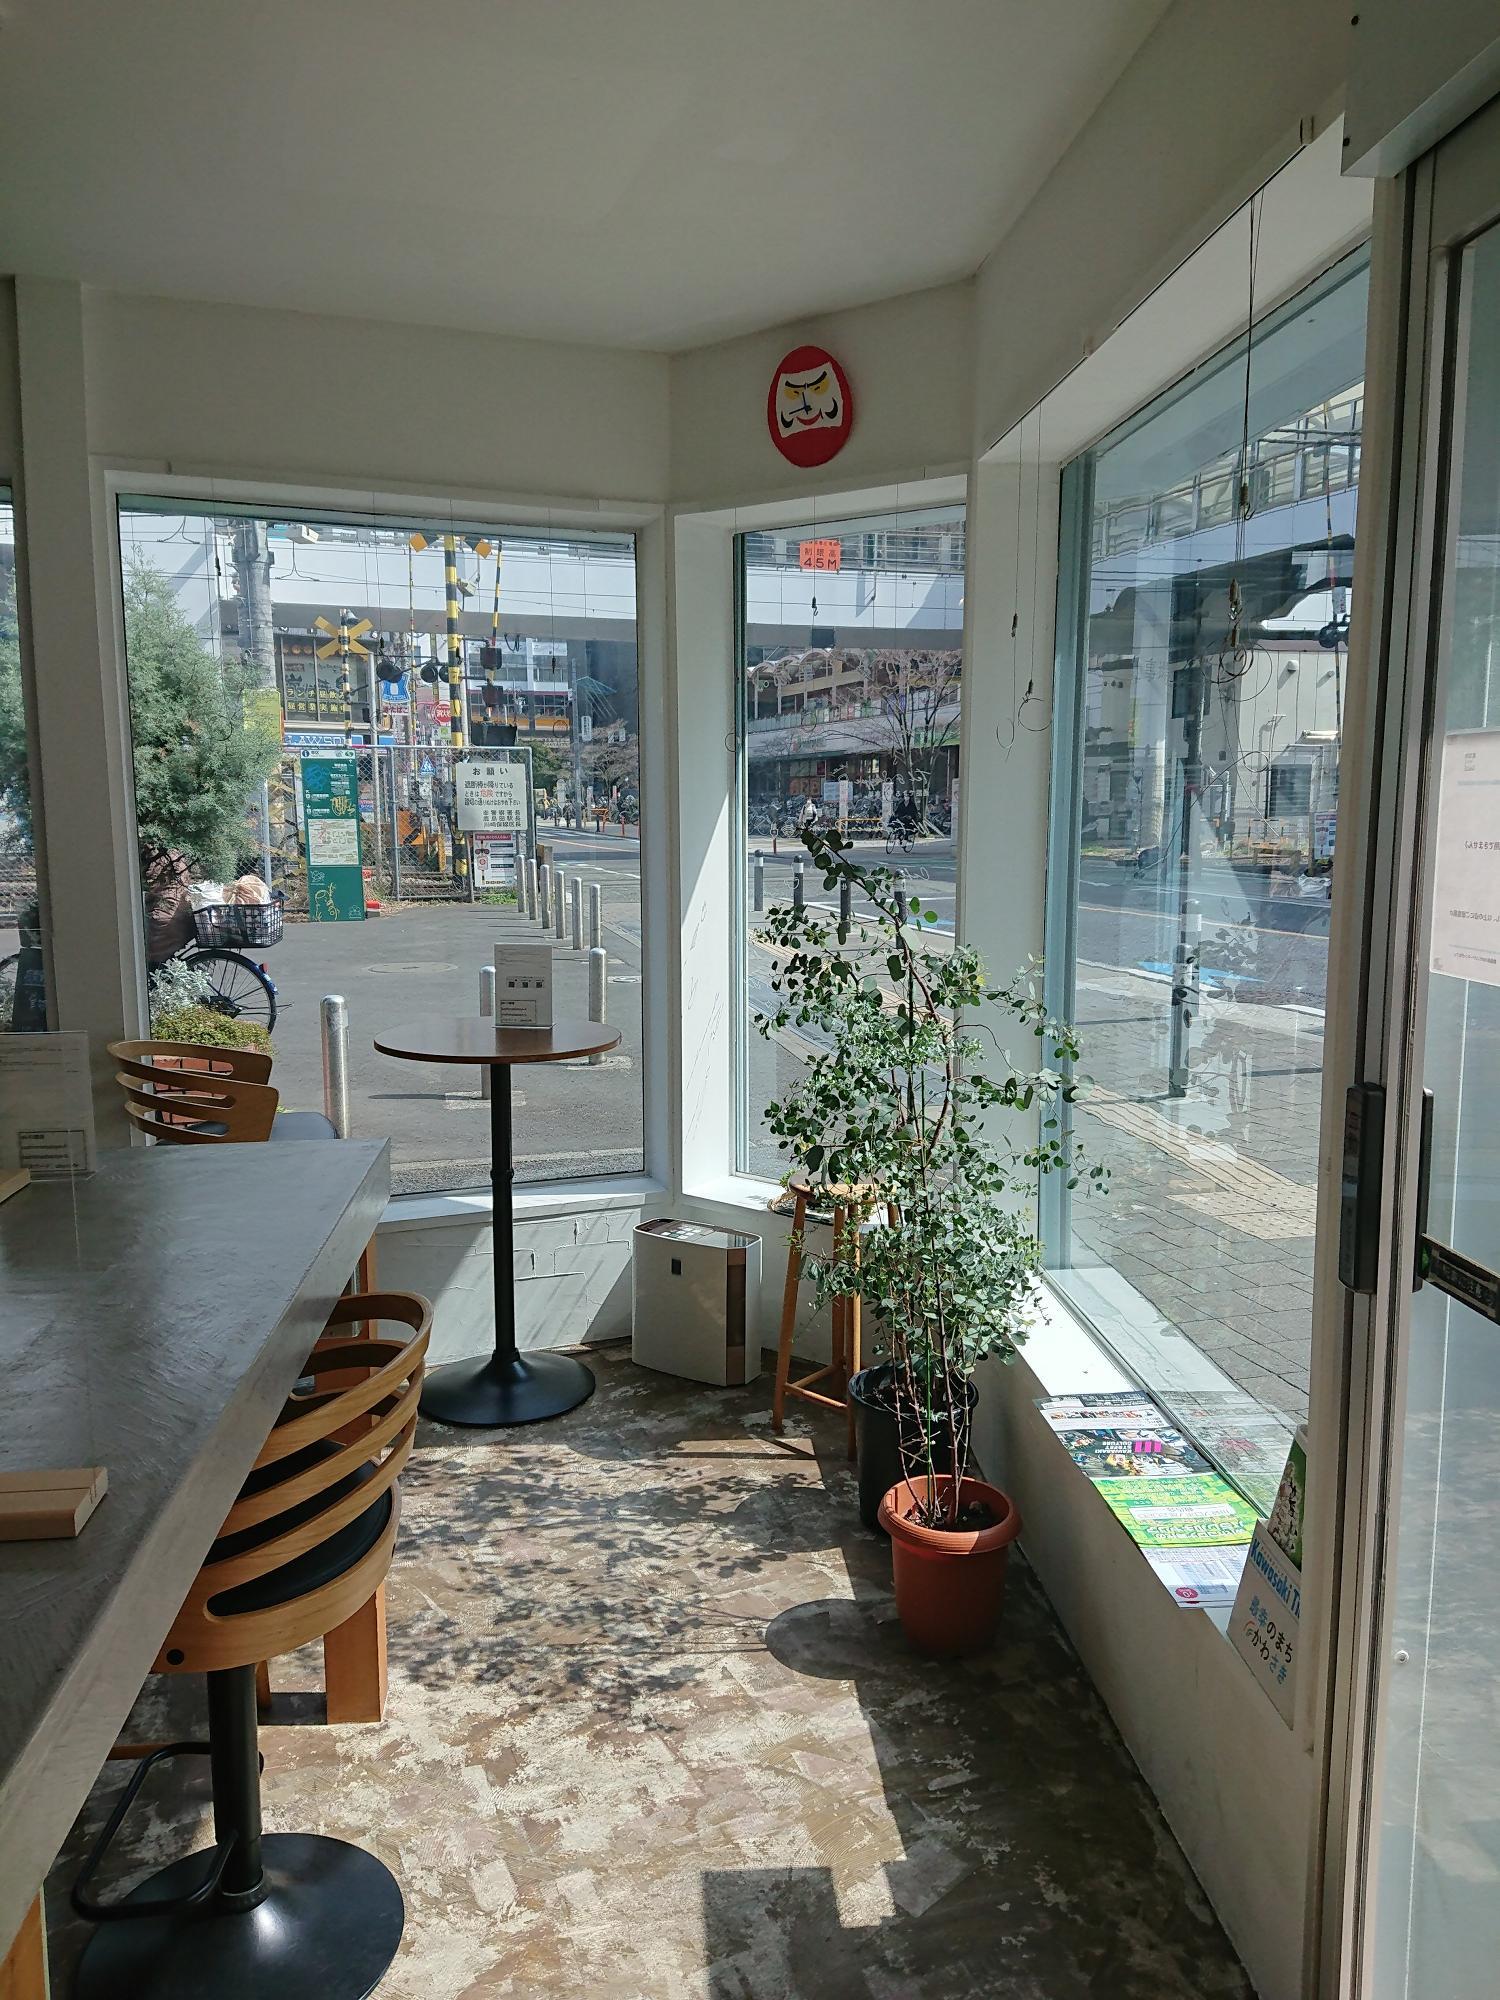 カフェの音楽と時々聞こえる踏切の音が心地よい窓際のスペース。